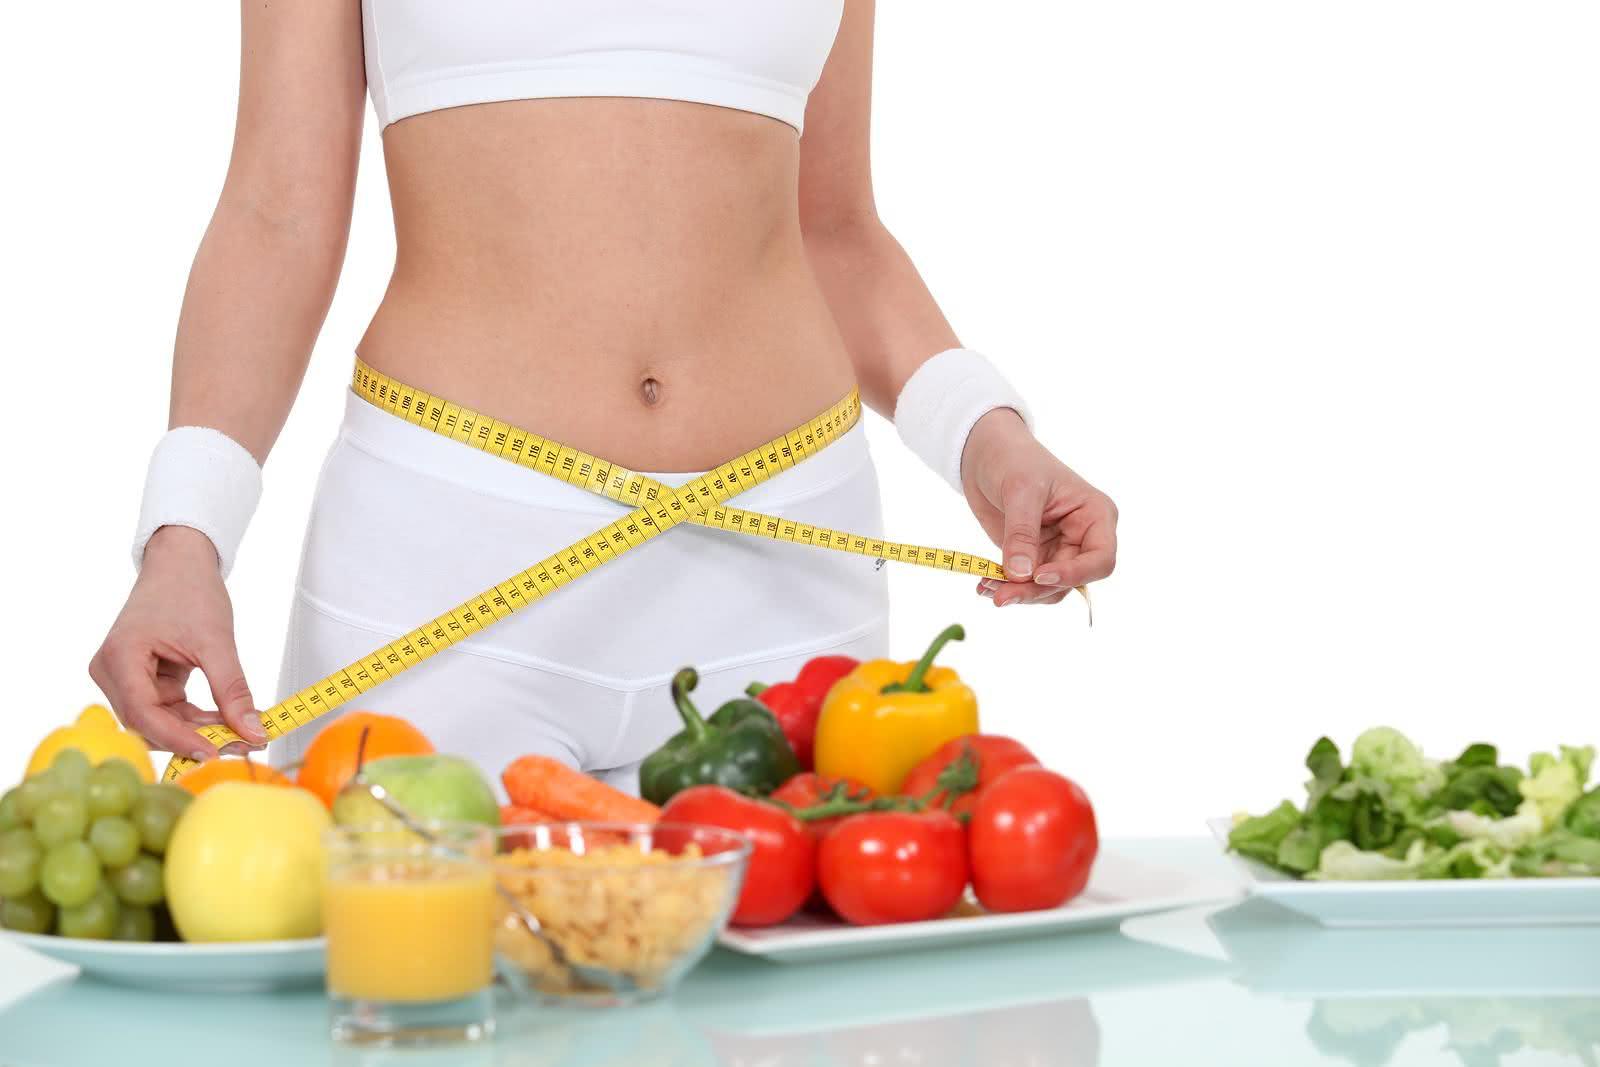 Dieta Dukan - Alimente-se sem restrição